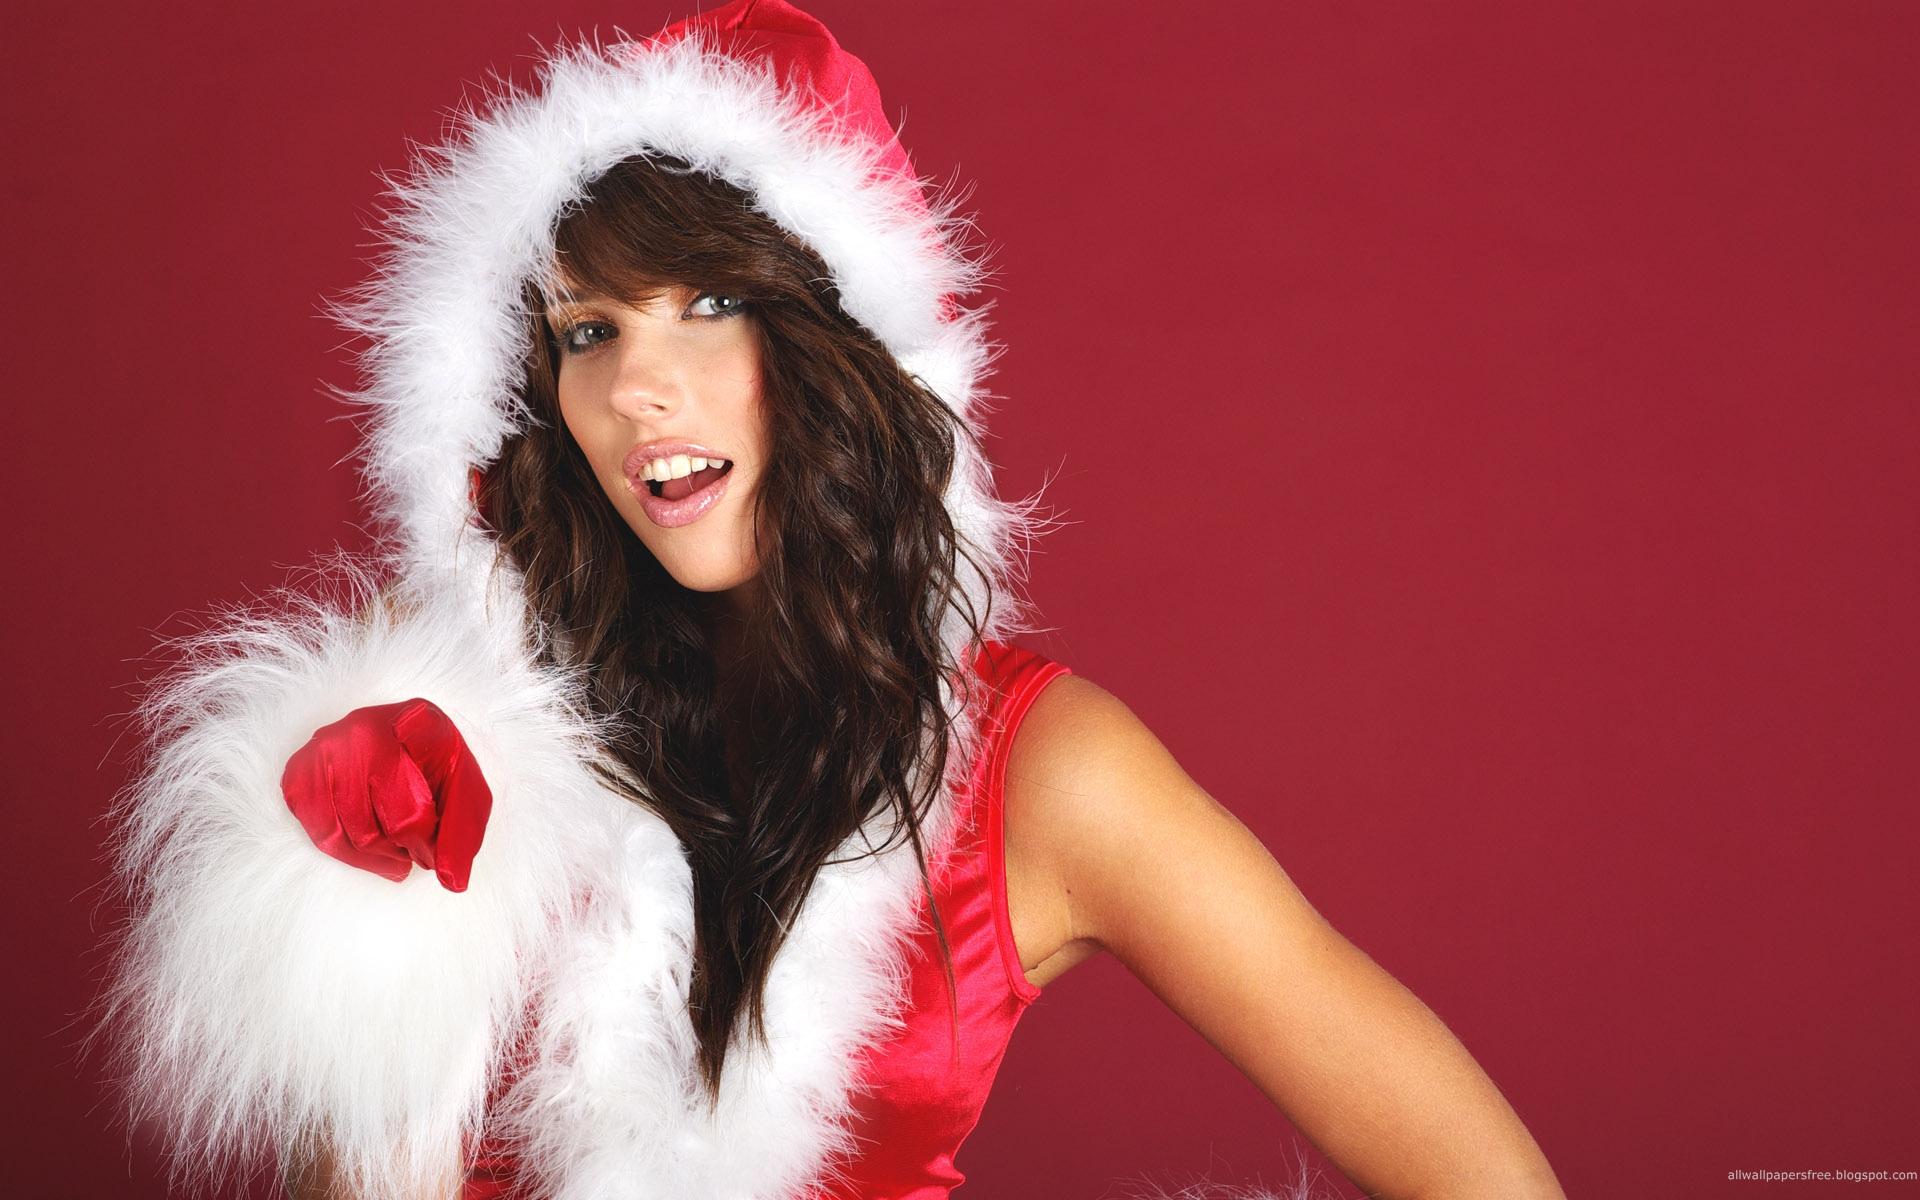 Chica bella disfrazada de Santa Claus - 1920x1200